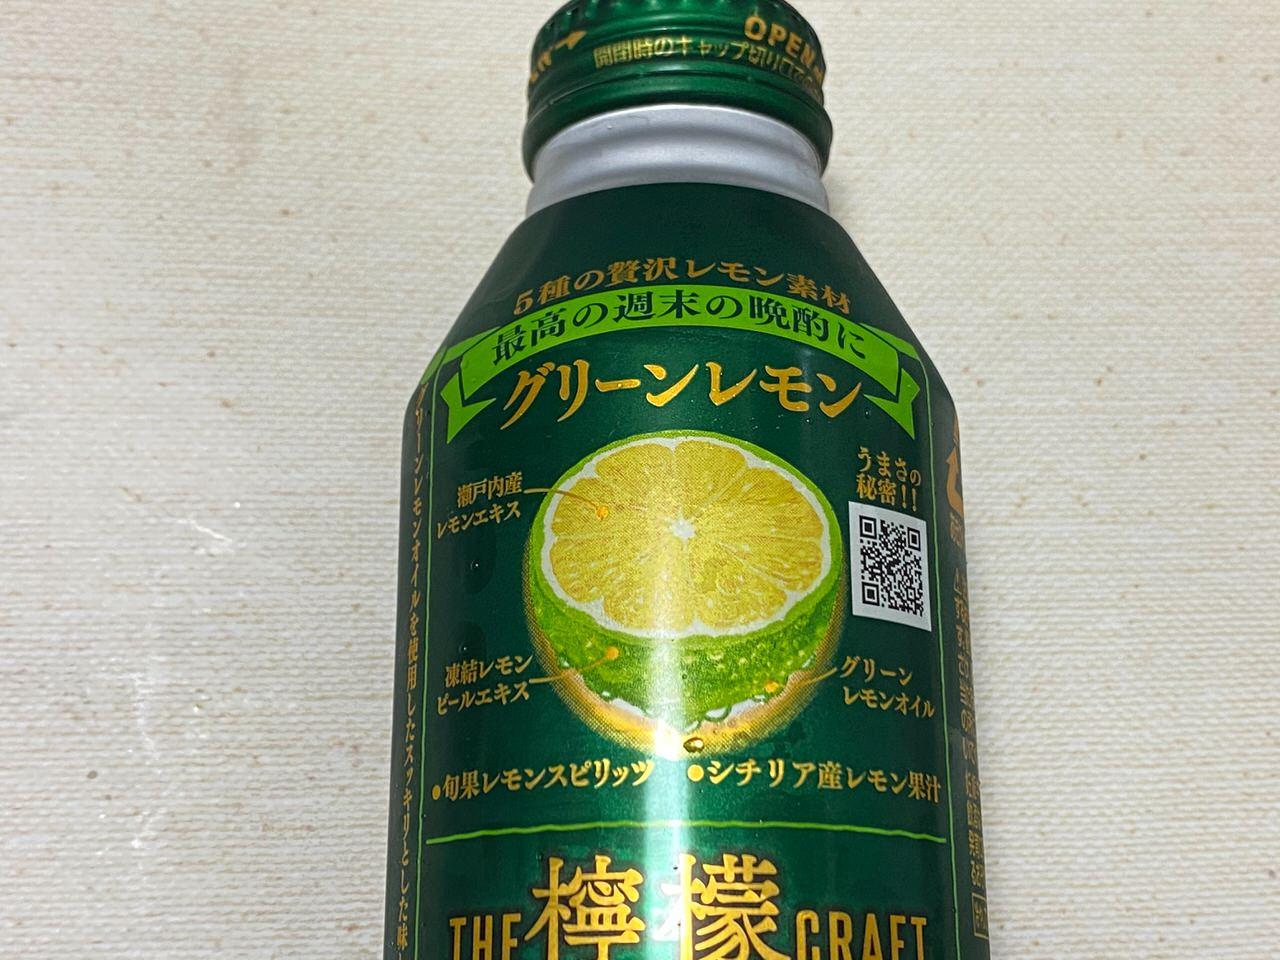 ザ・レモンクラフト グリーンレモン 2020124